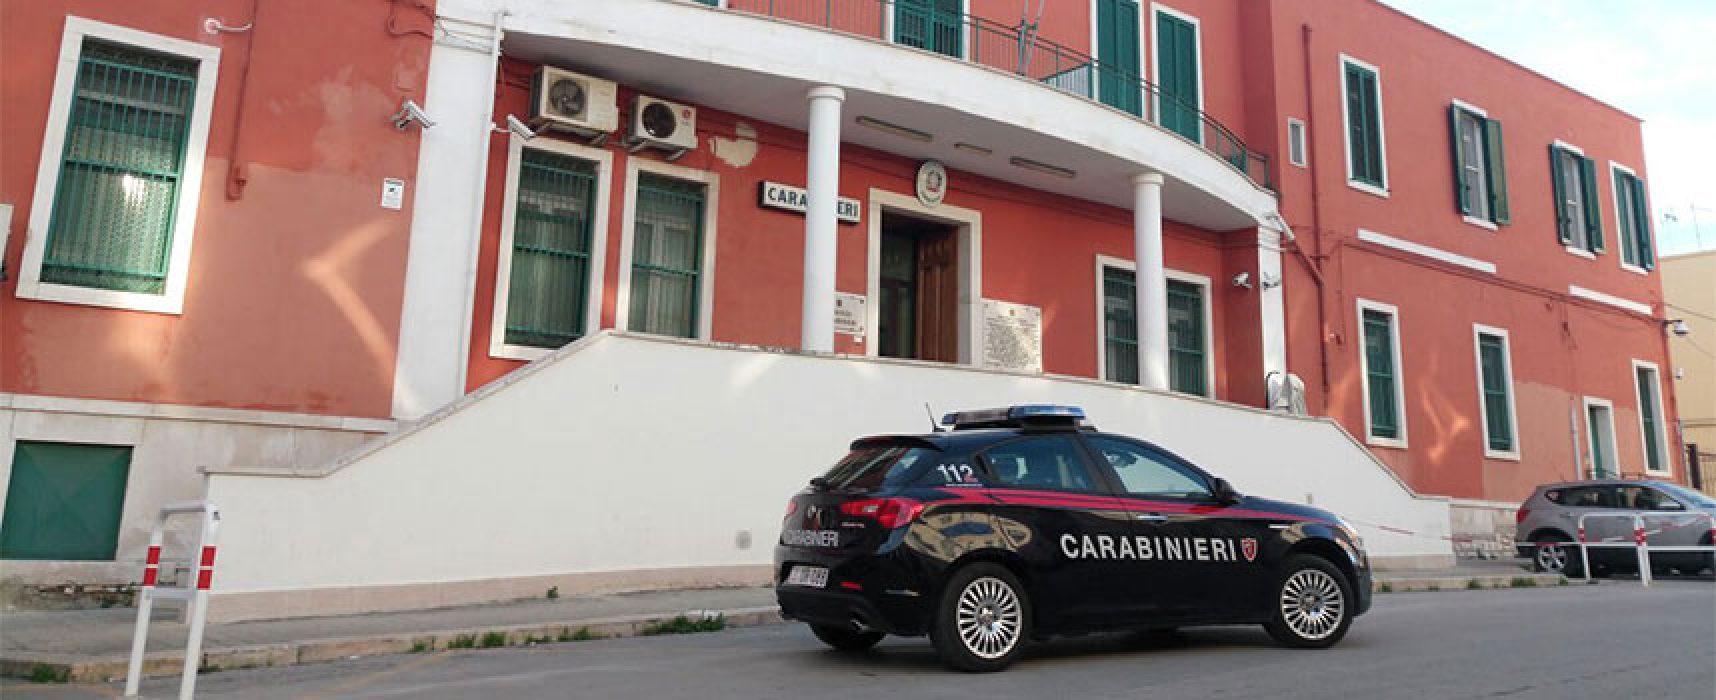 Due biscegliesi, in possesso di marijuana, arrestati in zona Santa Caterina